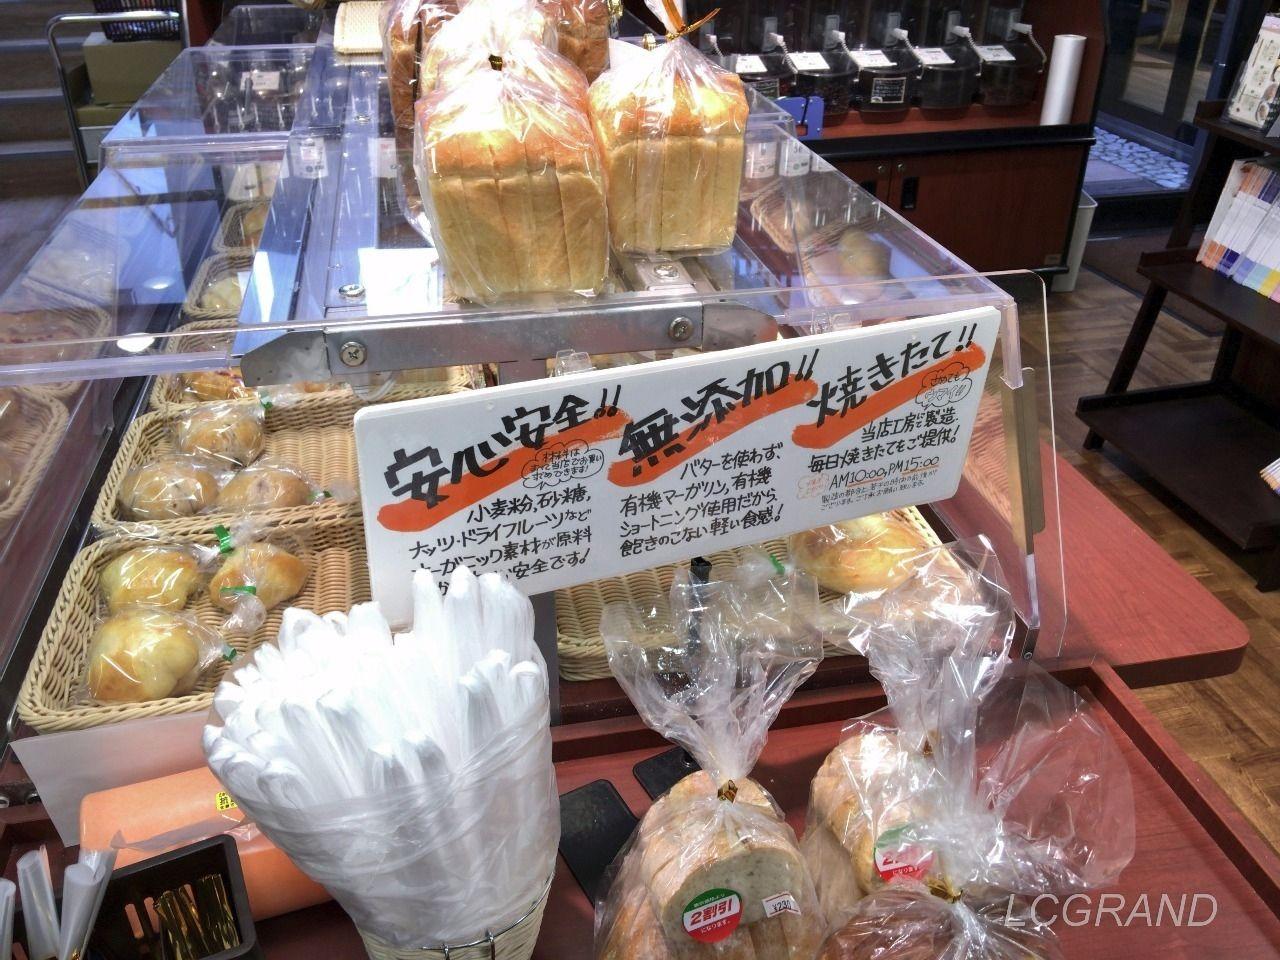 ポップには安心安全焼きたての文字があるムスビガーデン桜新町店のパンコーナー